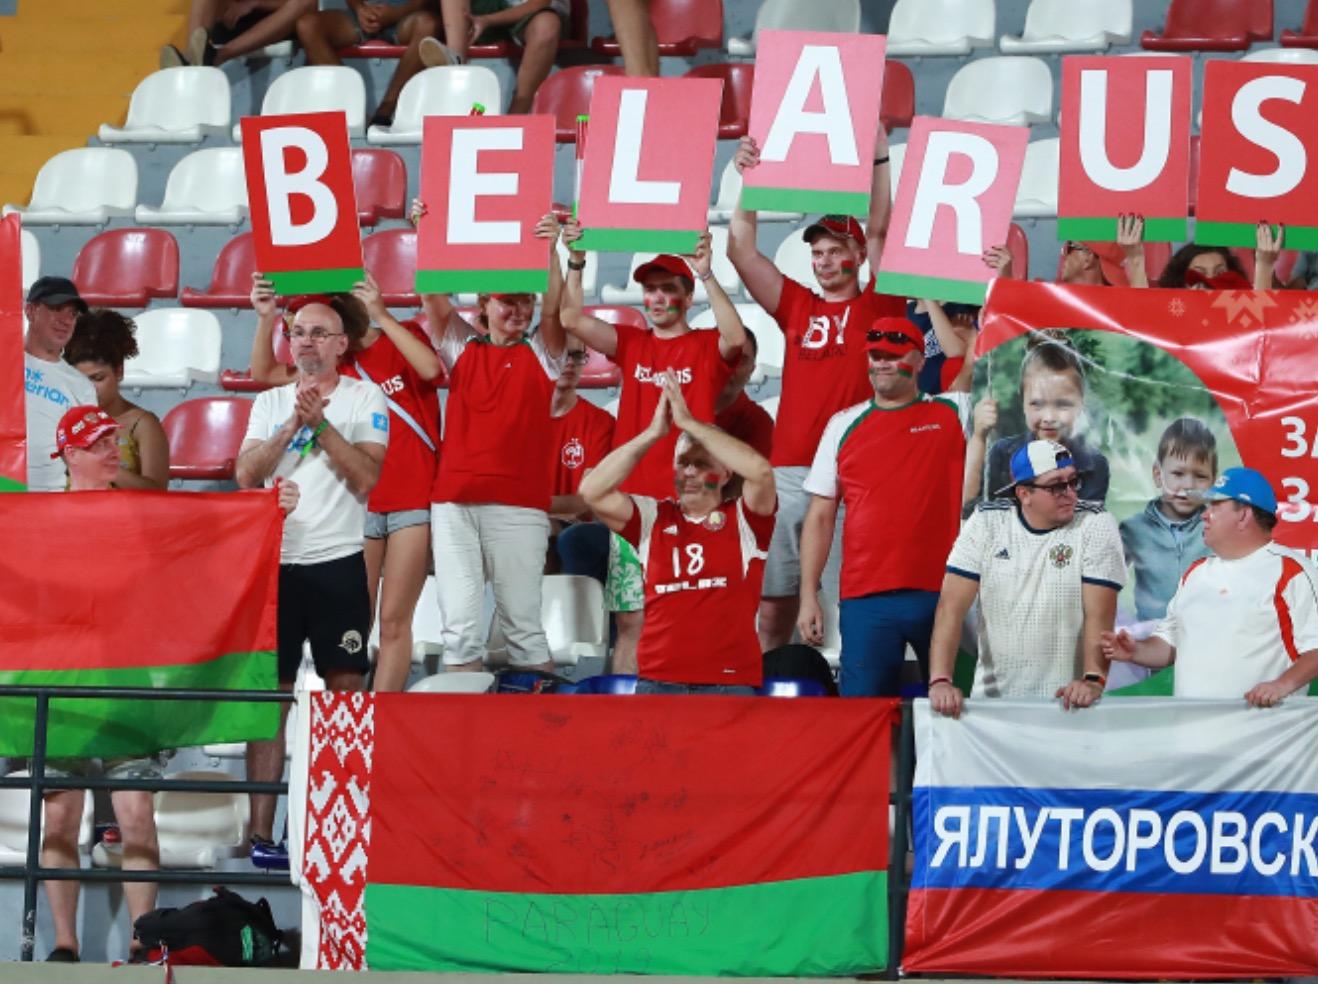 ベラルーシ・プレミアリーグ